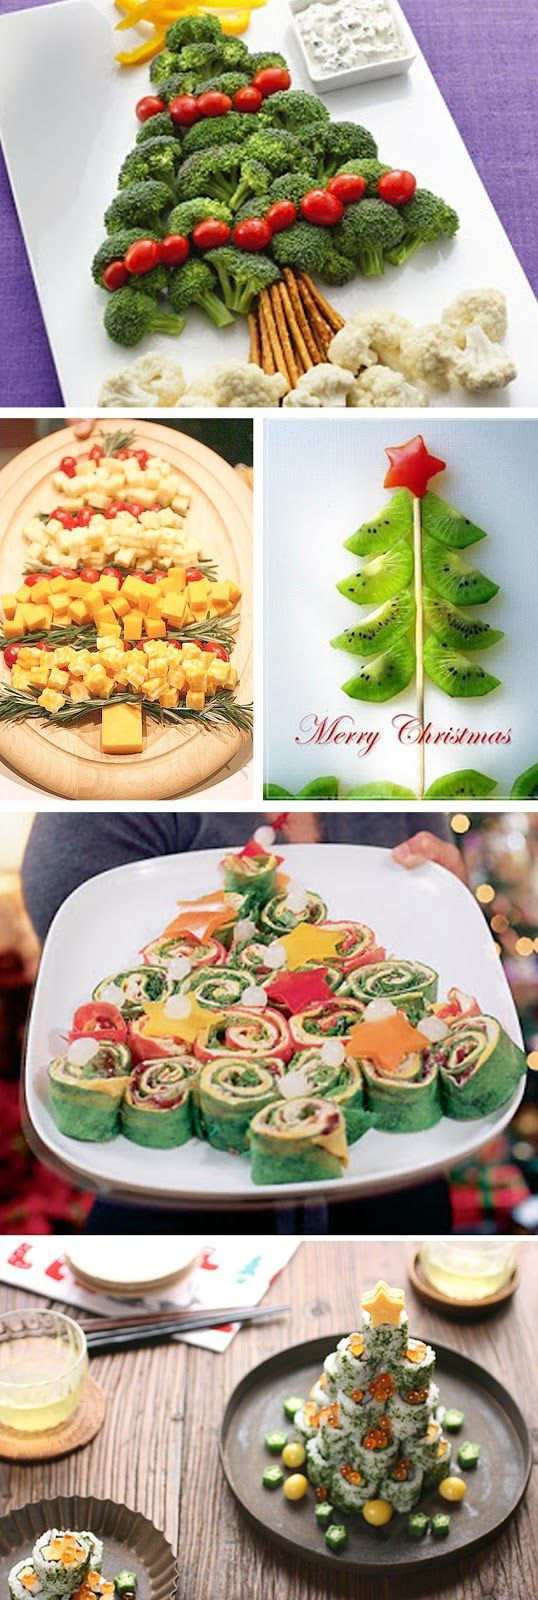 Navidad en nuestros platos | Christmas tree appetizer presentation.